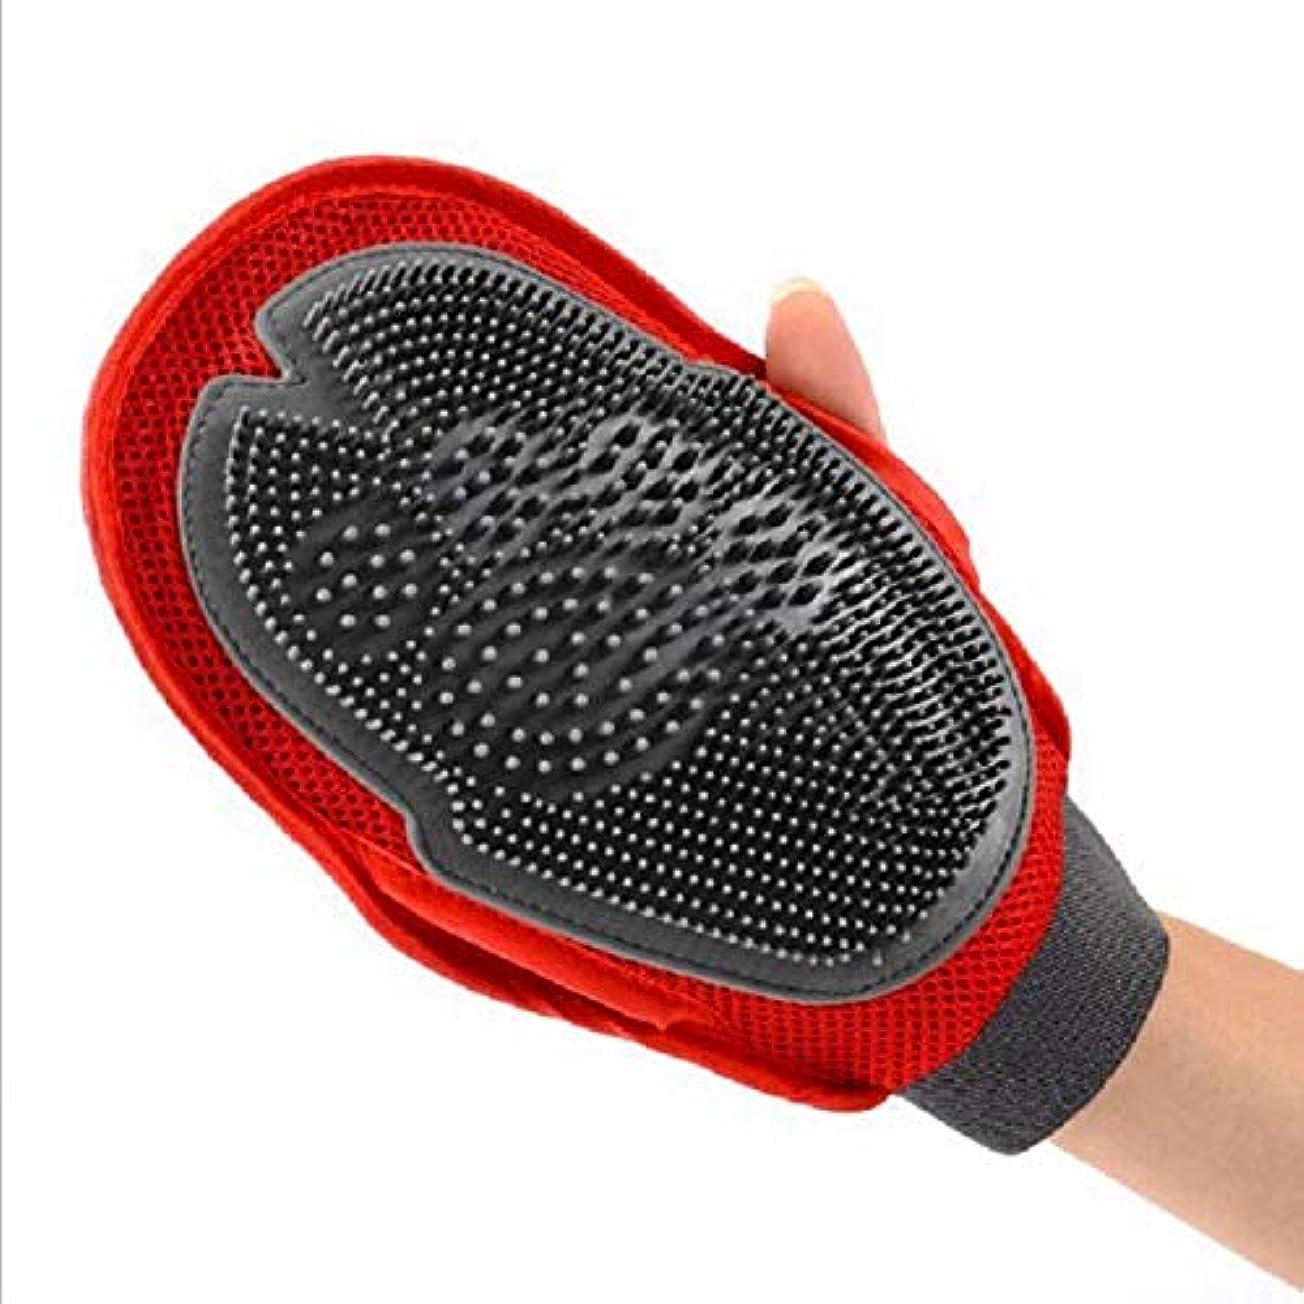 硬さフェザーカートンBTXXYJP 手袋 ペット ブラシ 猫 ブラシ グローブ 耐摩耗 クリーナー 抜け毛取り マッサージブラシ 犬 グローブ お手入れ (Color : Red, Size : L)